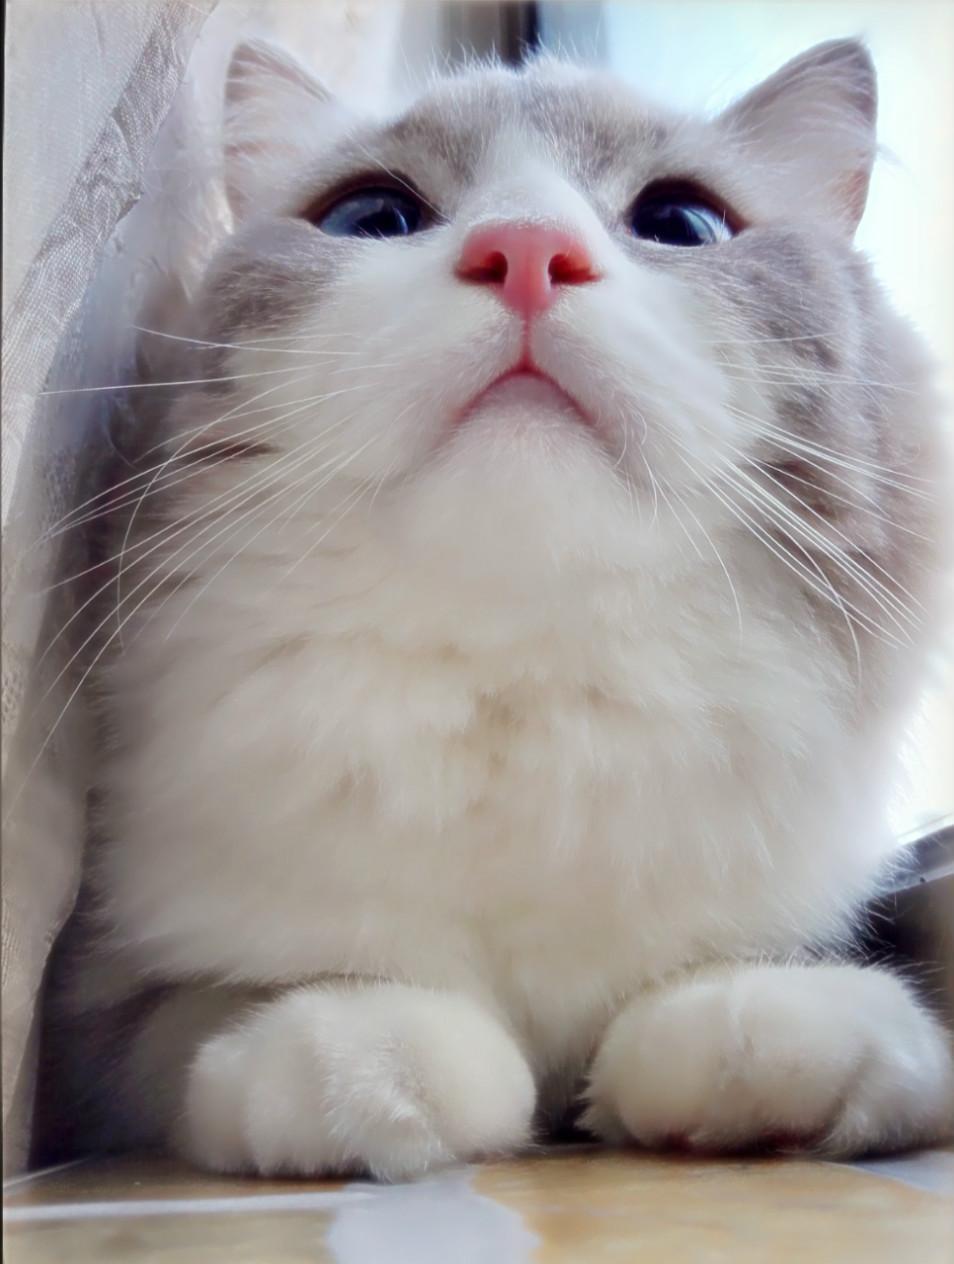 宠物大头照,让美貌近在咫尺!